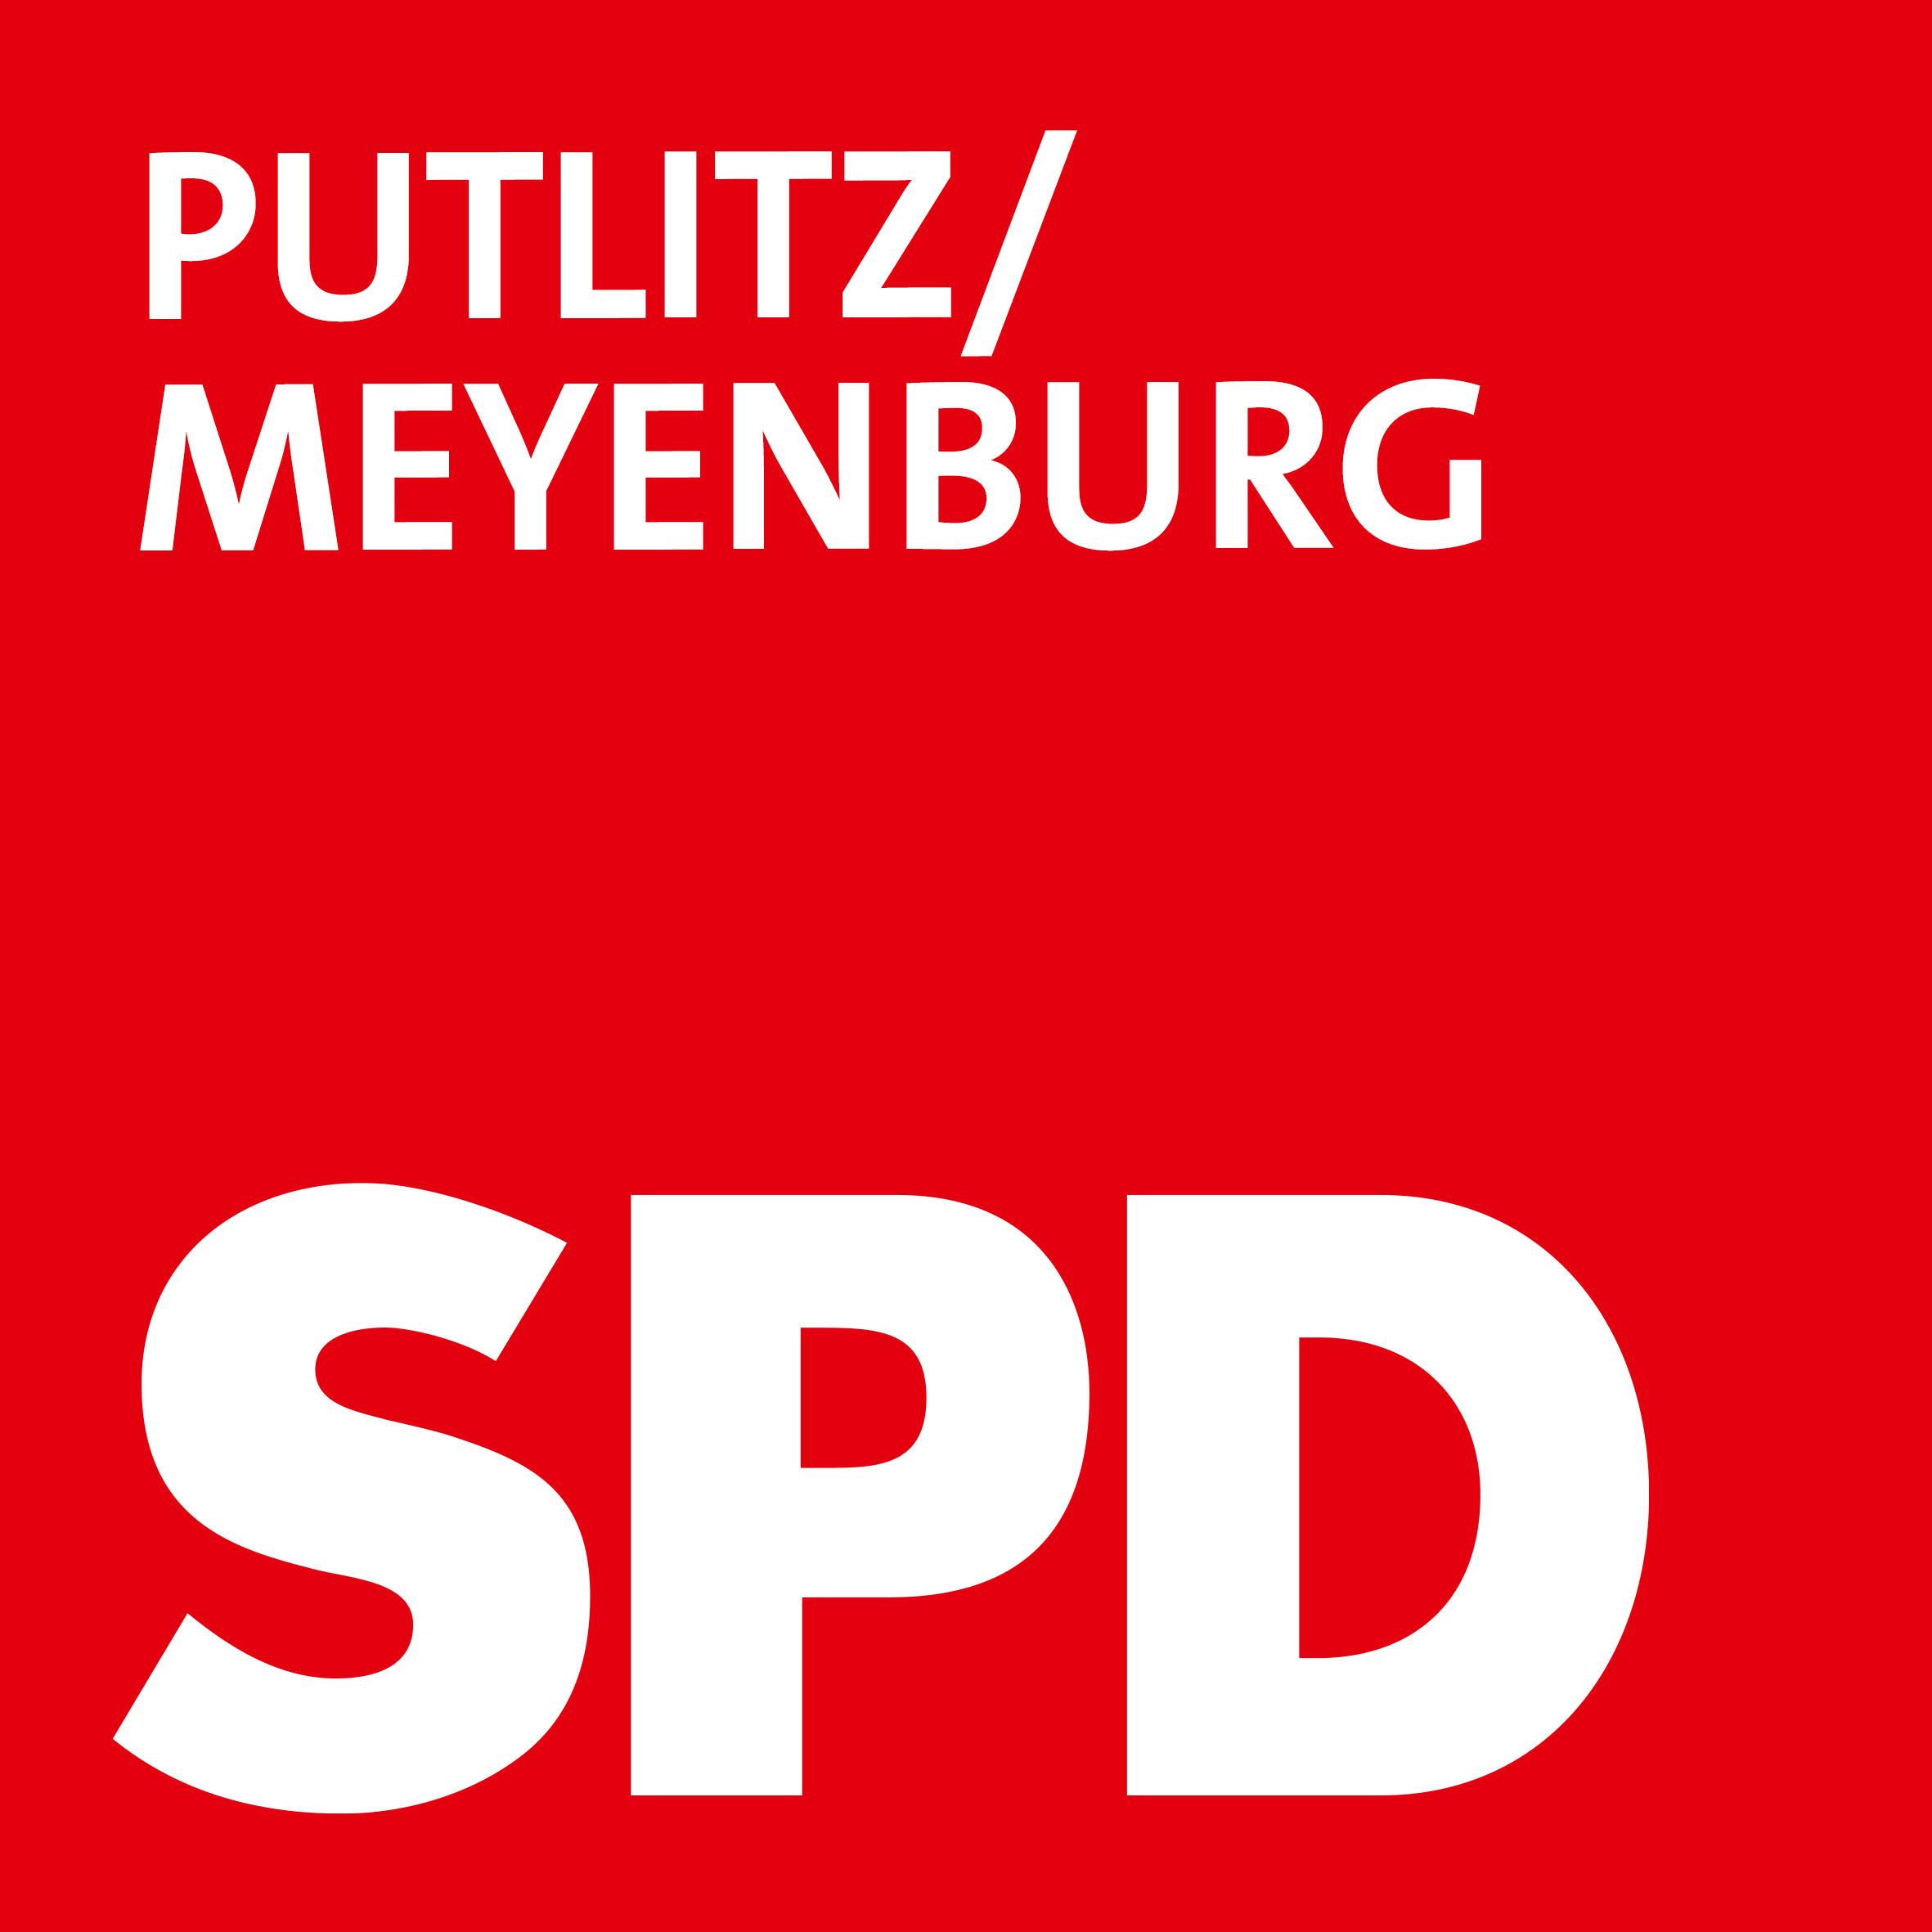 SPD Putlitz/Meyenburg